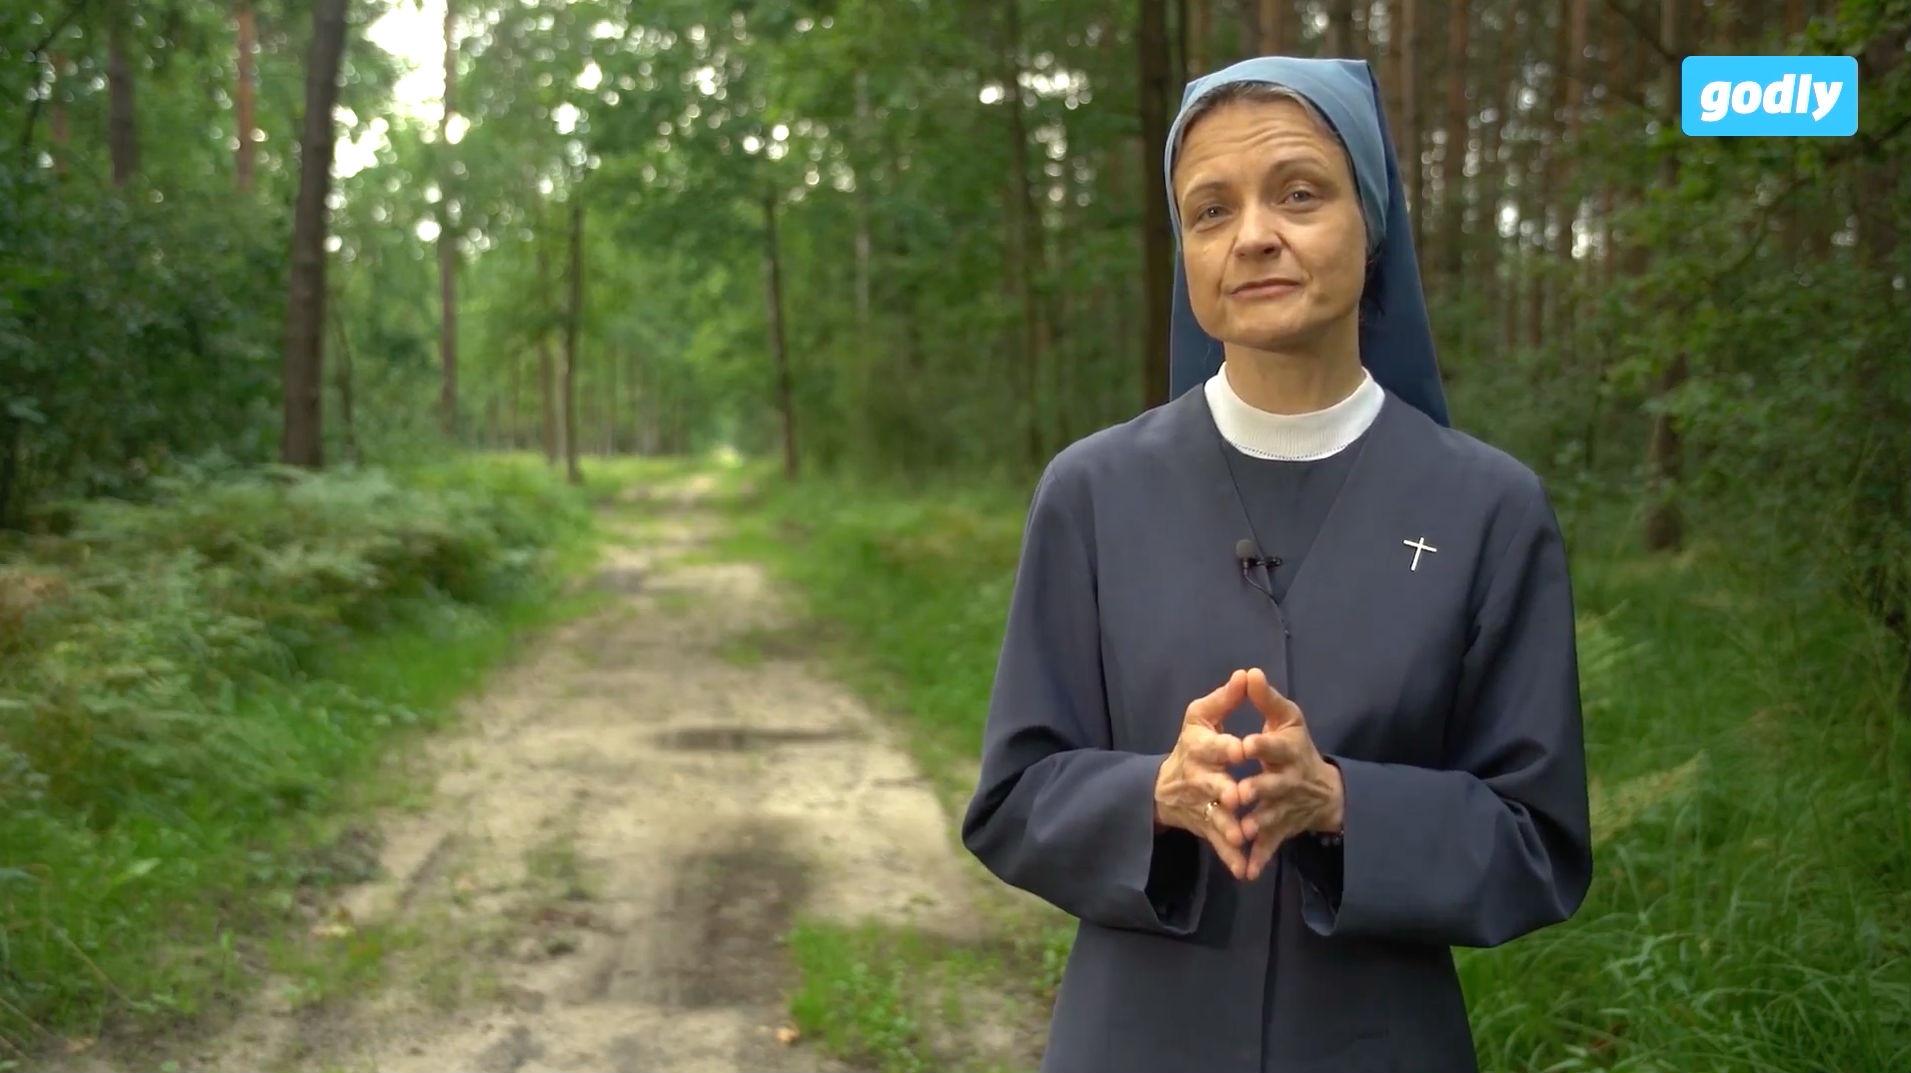 Jak zakonnica radzi sobie z potrzebą czułości i bliskości?